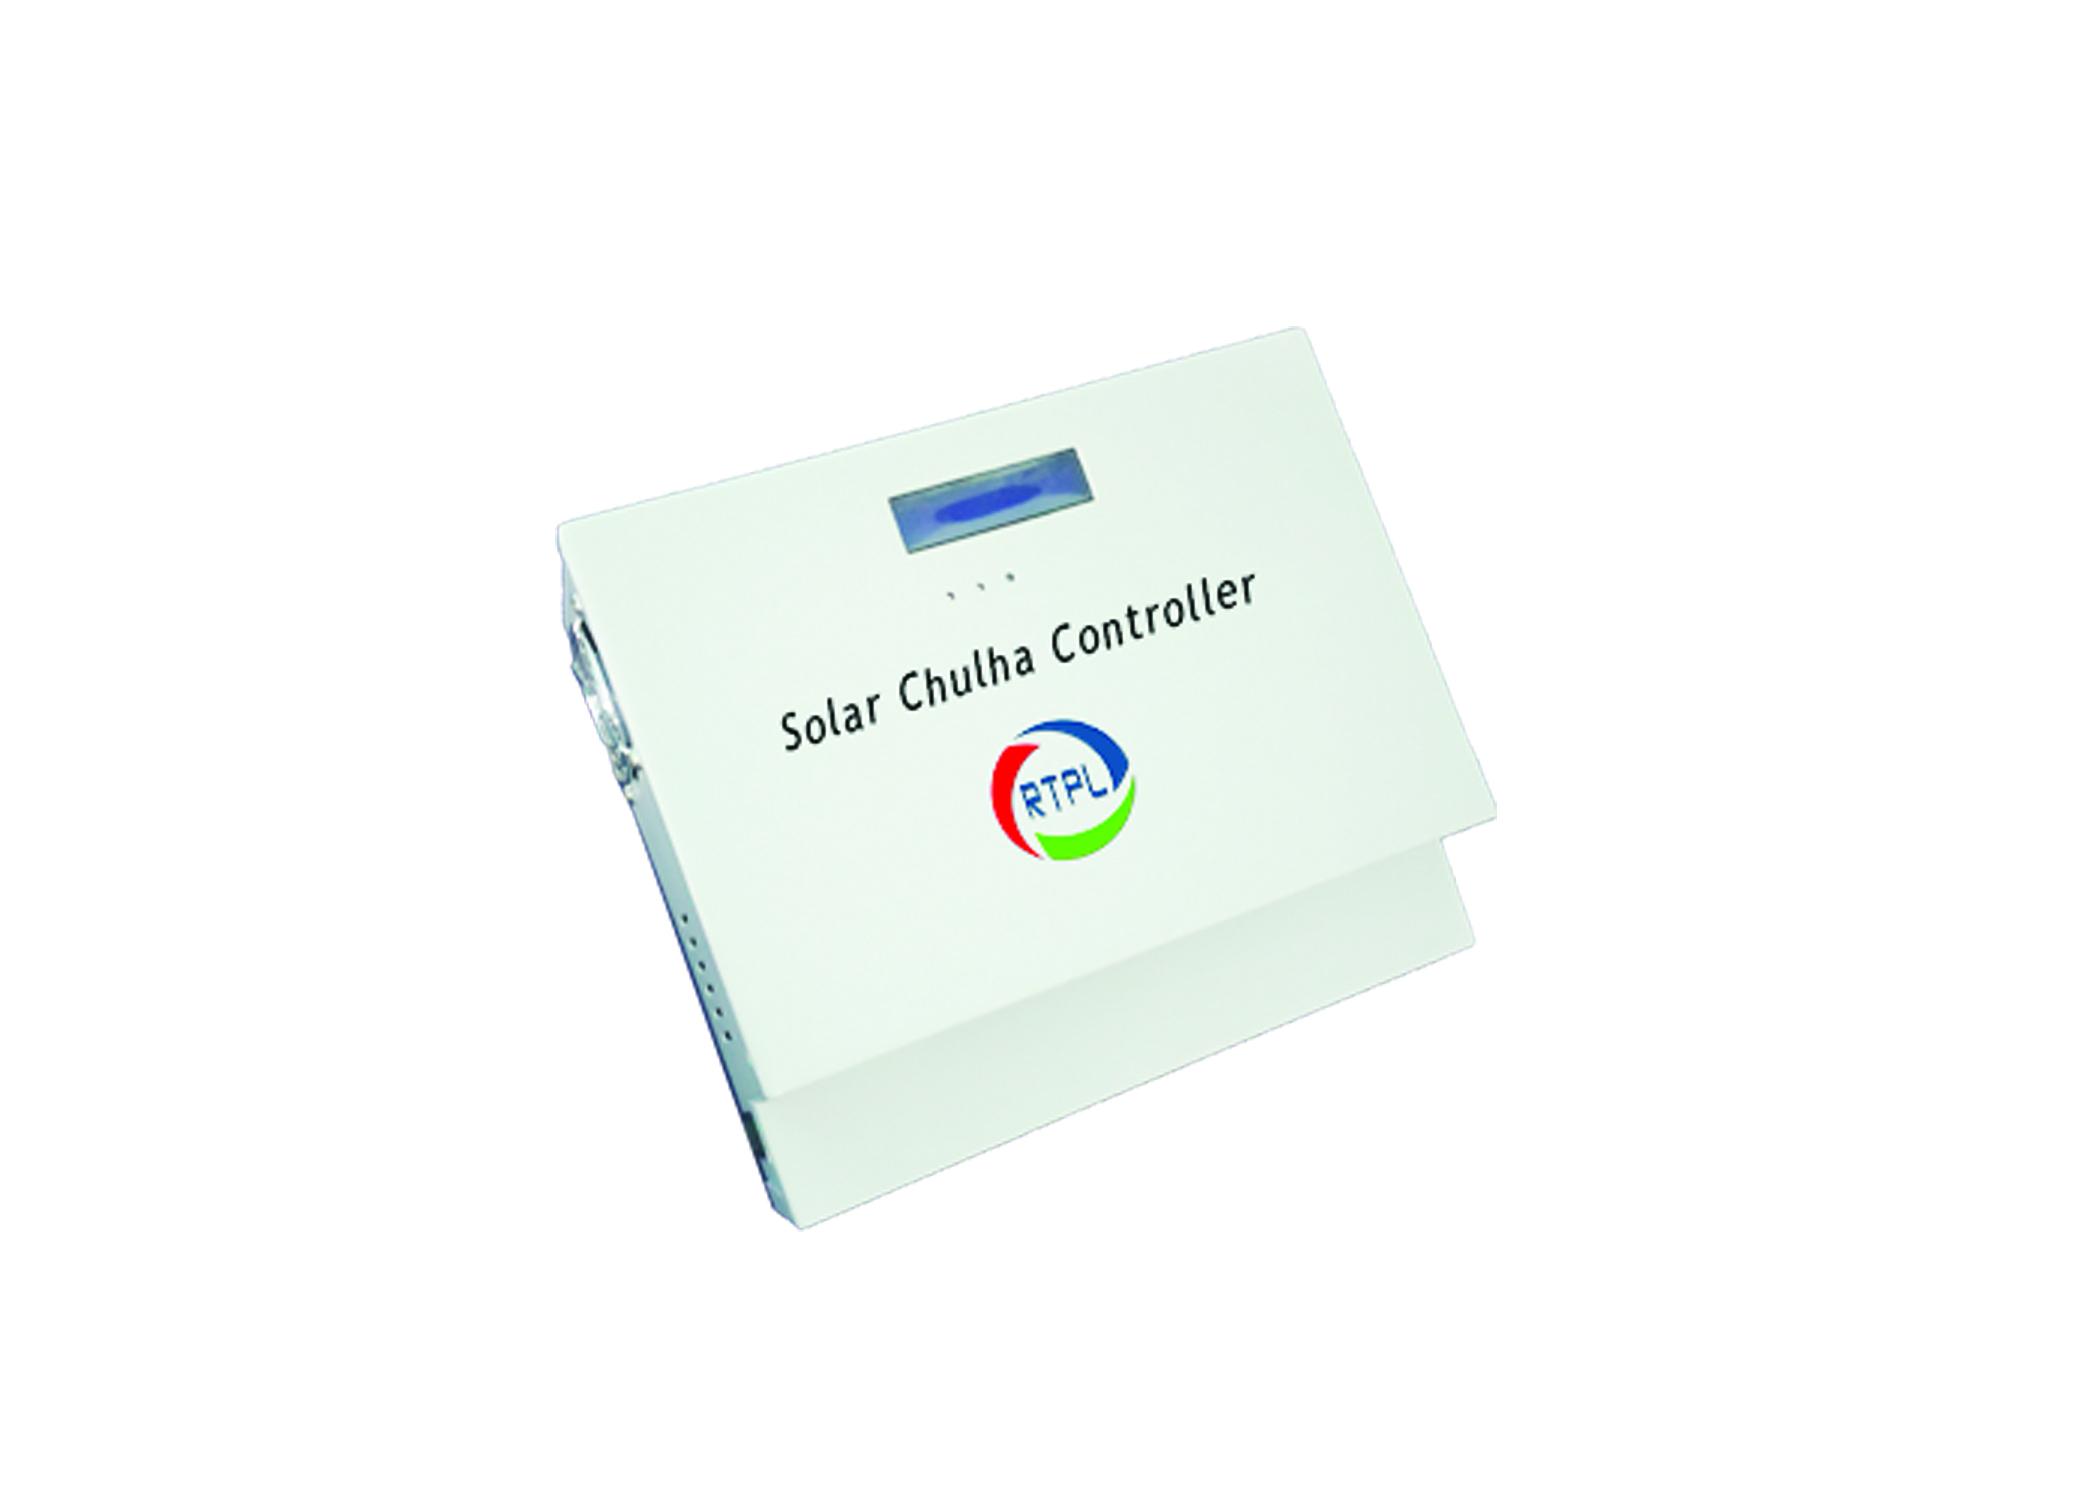 Solar Chulha